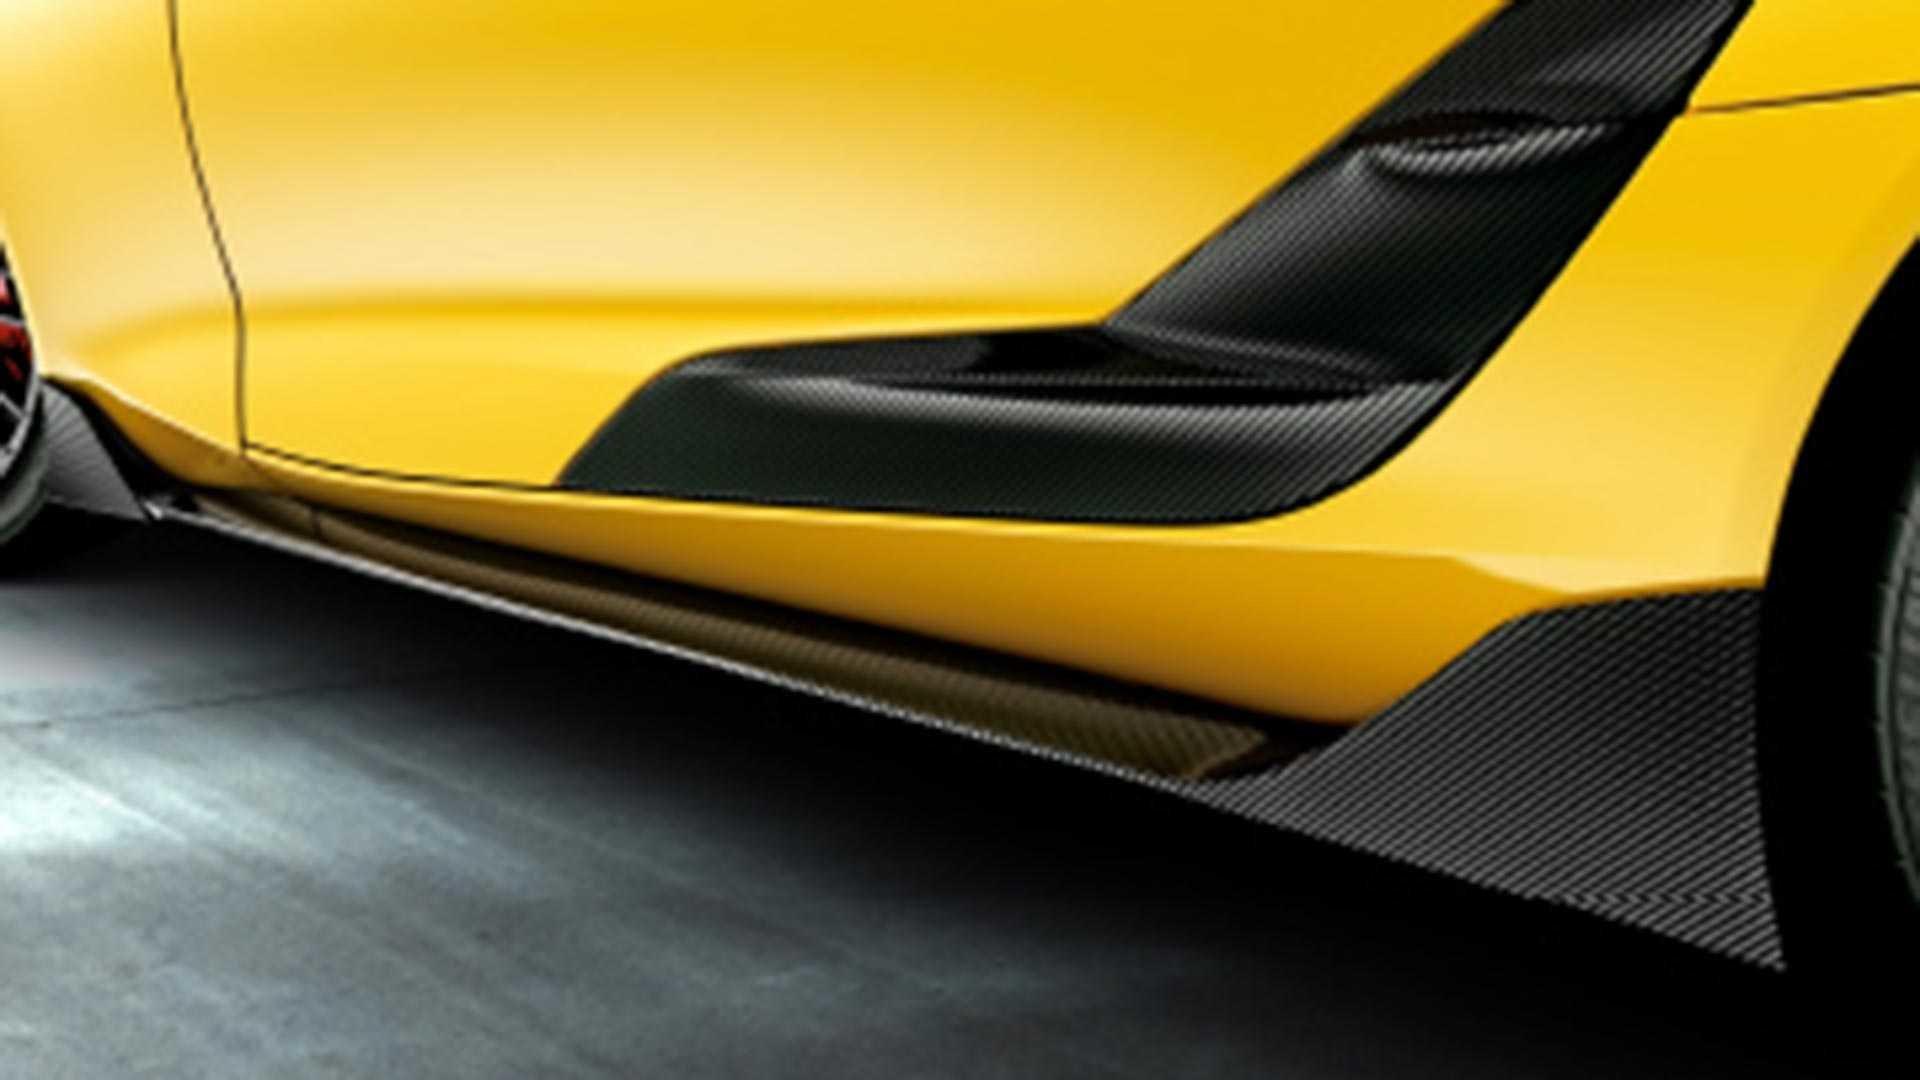 Новоя Toyota Supra получила «правильный» тюнинг от TRD. Цена, правда, кусается